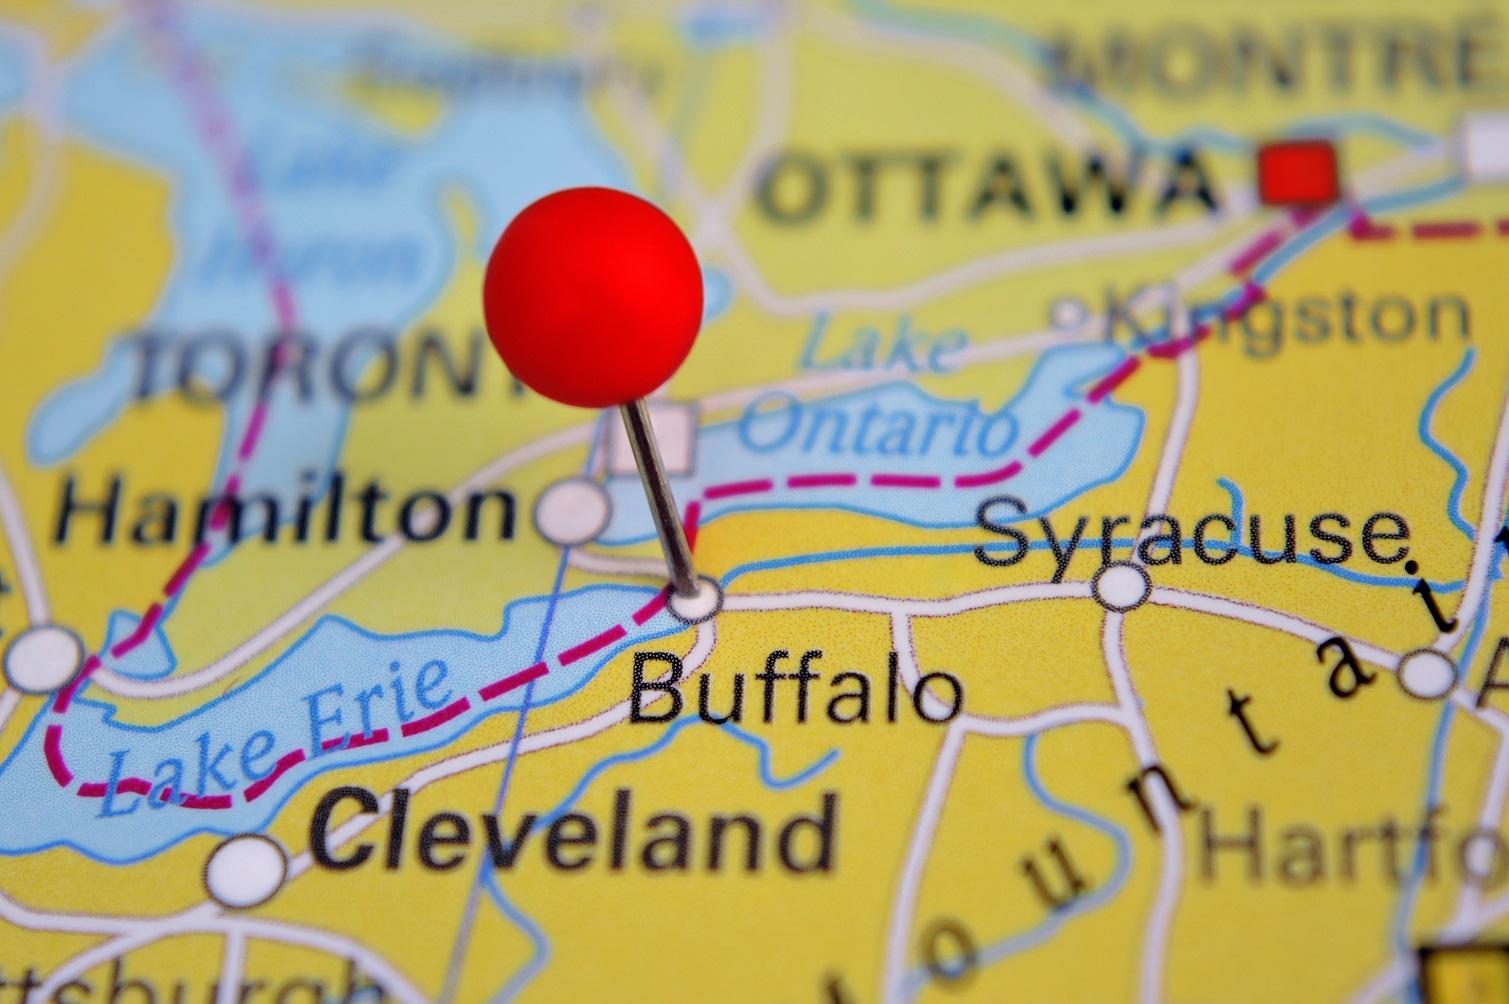 Buffalo pinned on a map